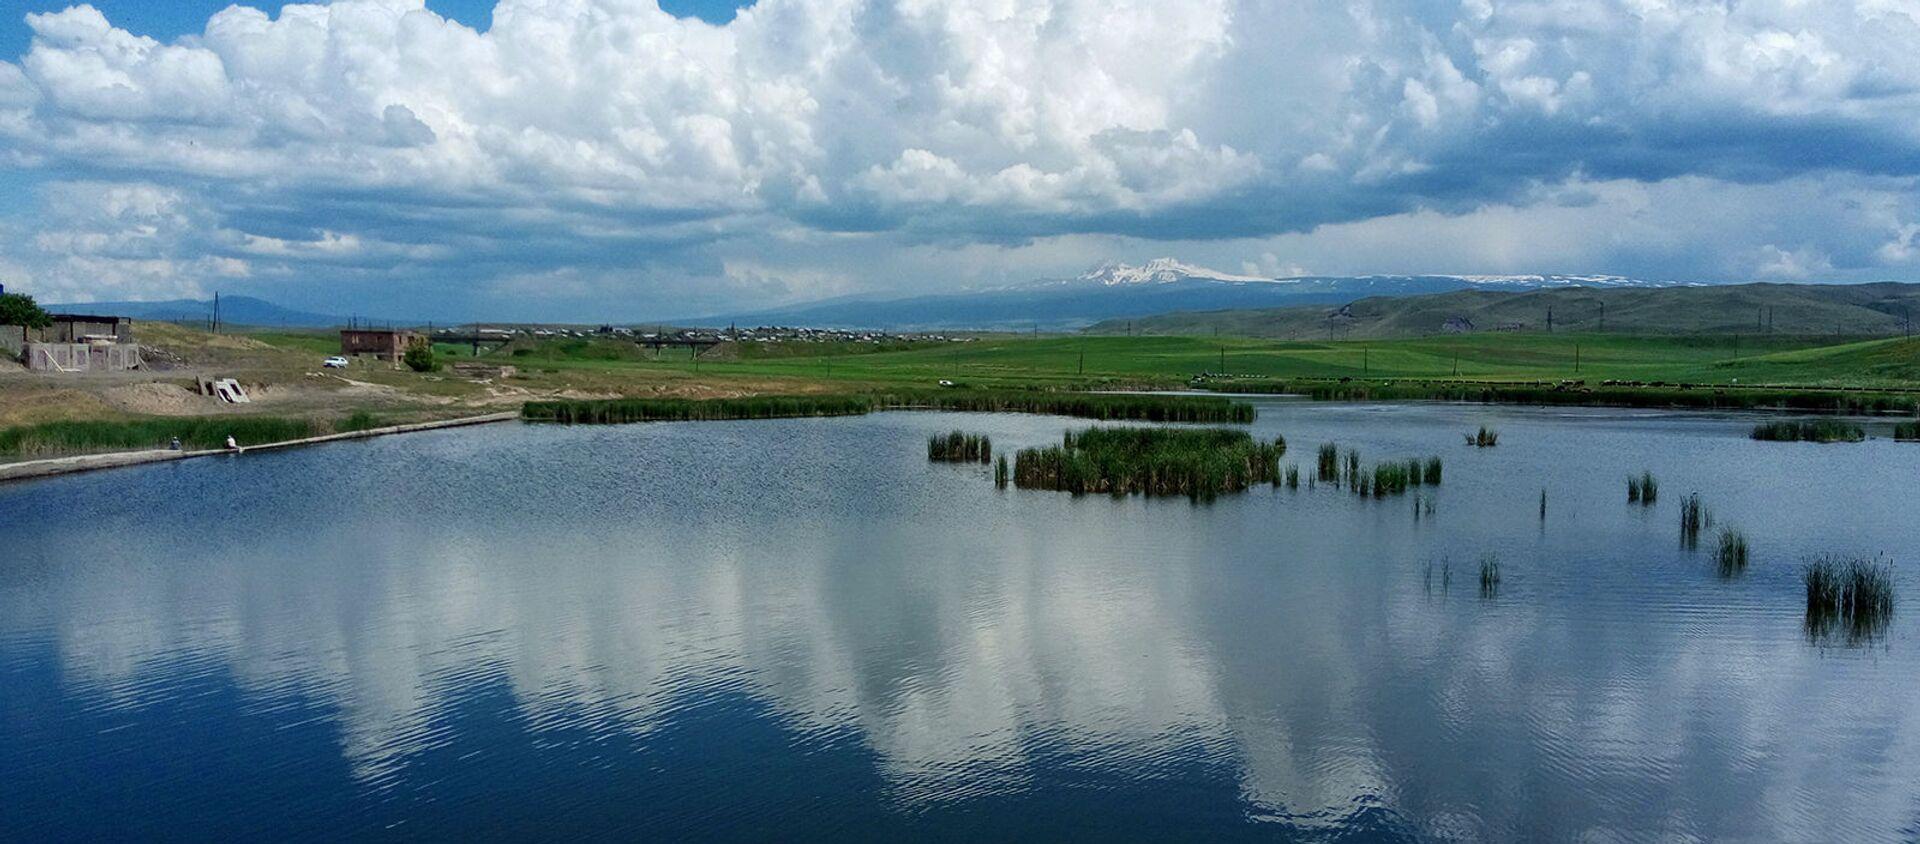 Ахурянское водохранилище - Sputnik Армения, 1920, 08.07.2021